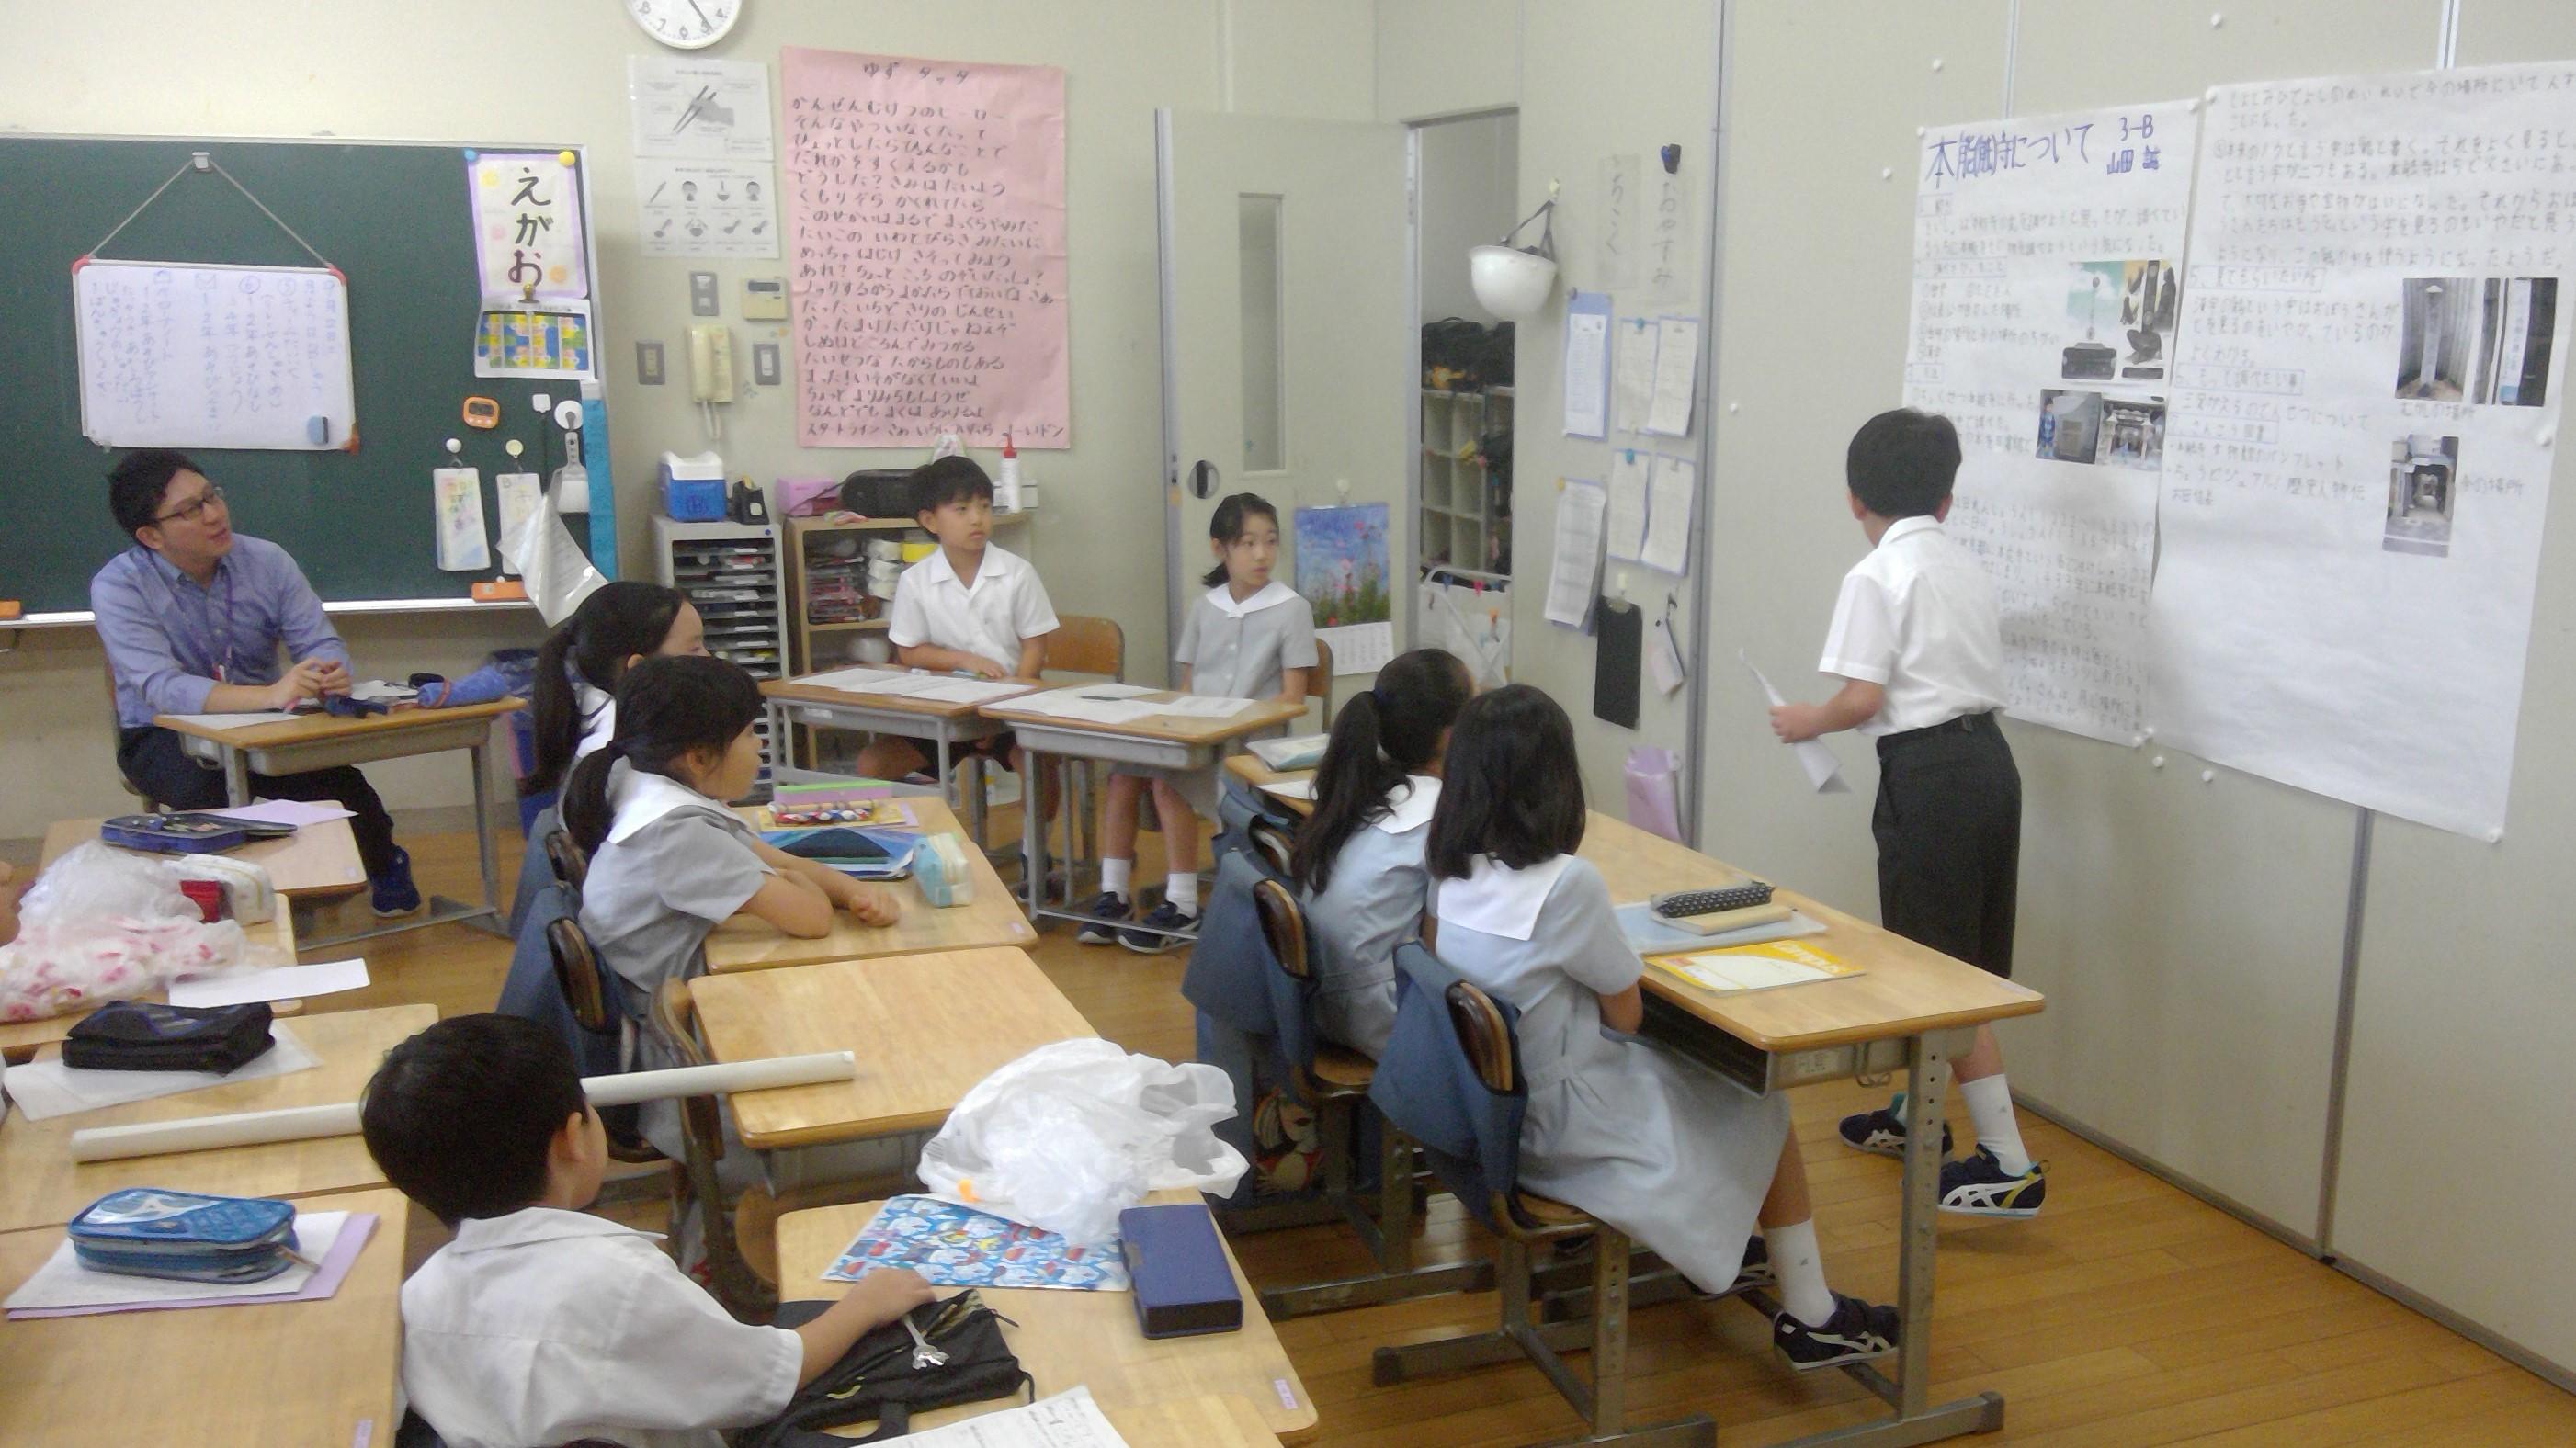 平成30年度 入学試験・編入試験について